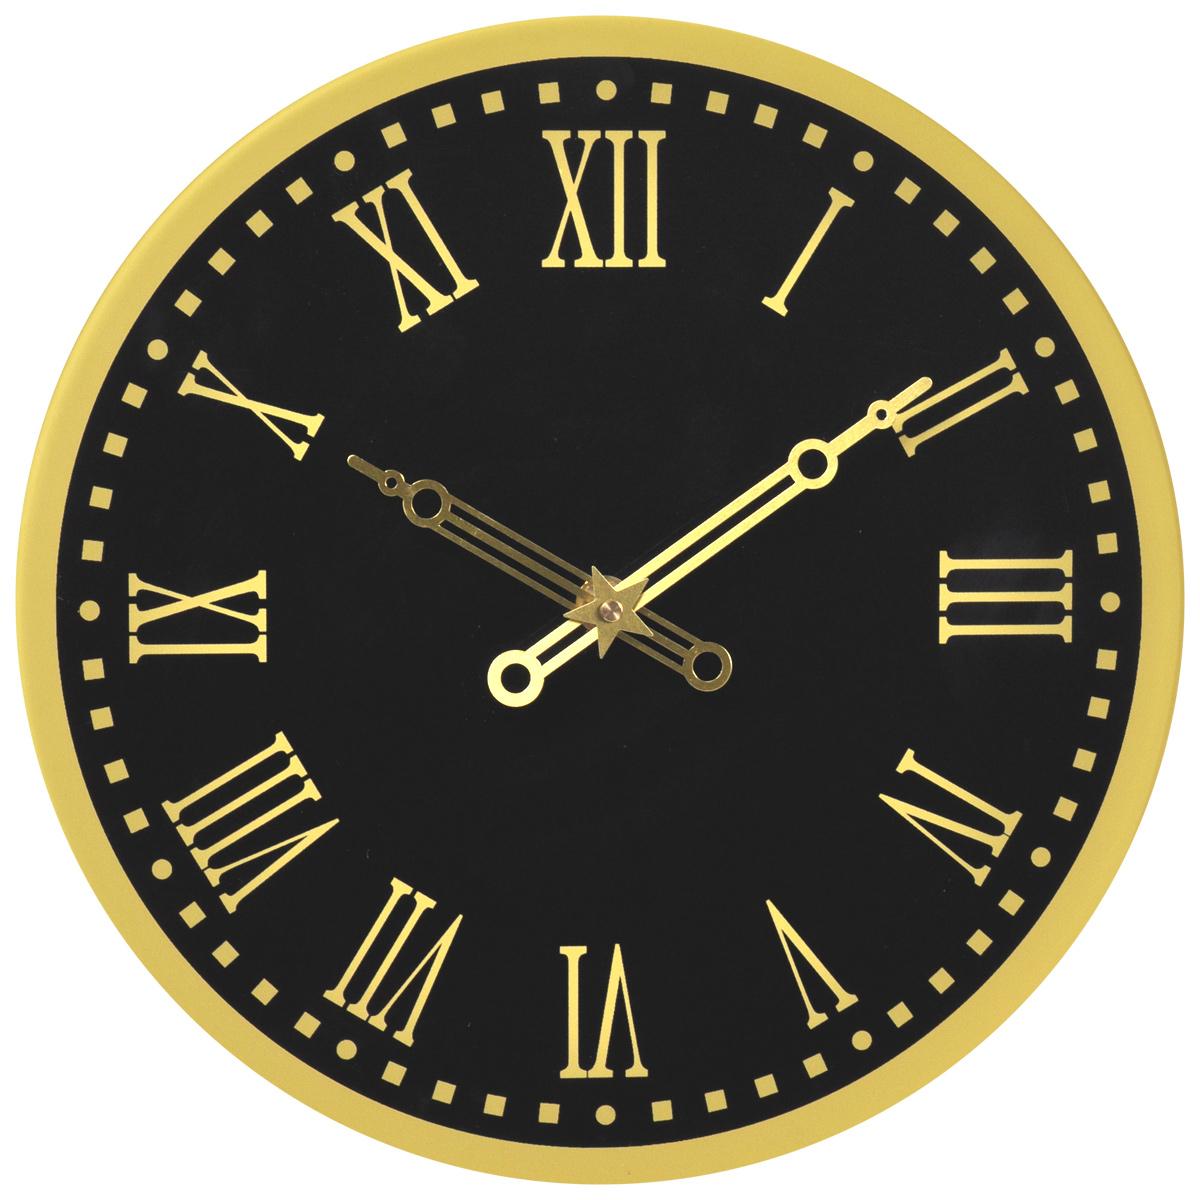 Часы настенные Куранты, стеклянные. 9601096010Оригинальные настенные часы Куранты круглой формы выполнены из стекла и оформлены изображением римских цифр. Часы имеют три стрелки - часовую, минутную и секундную. Циферблат часов не защищен. Необычное дизайнерское решение и качество исполнения придутся по вкусу каждому. Оформите совой дом таким интерьерным аксессуаром или преподнесите его в качестве презента друзьям, и они оценят ваш оригинальный вкус и неординарность подарка.